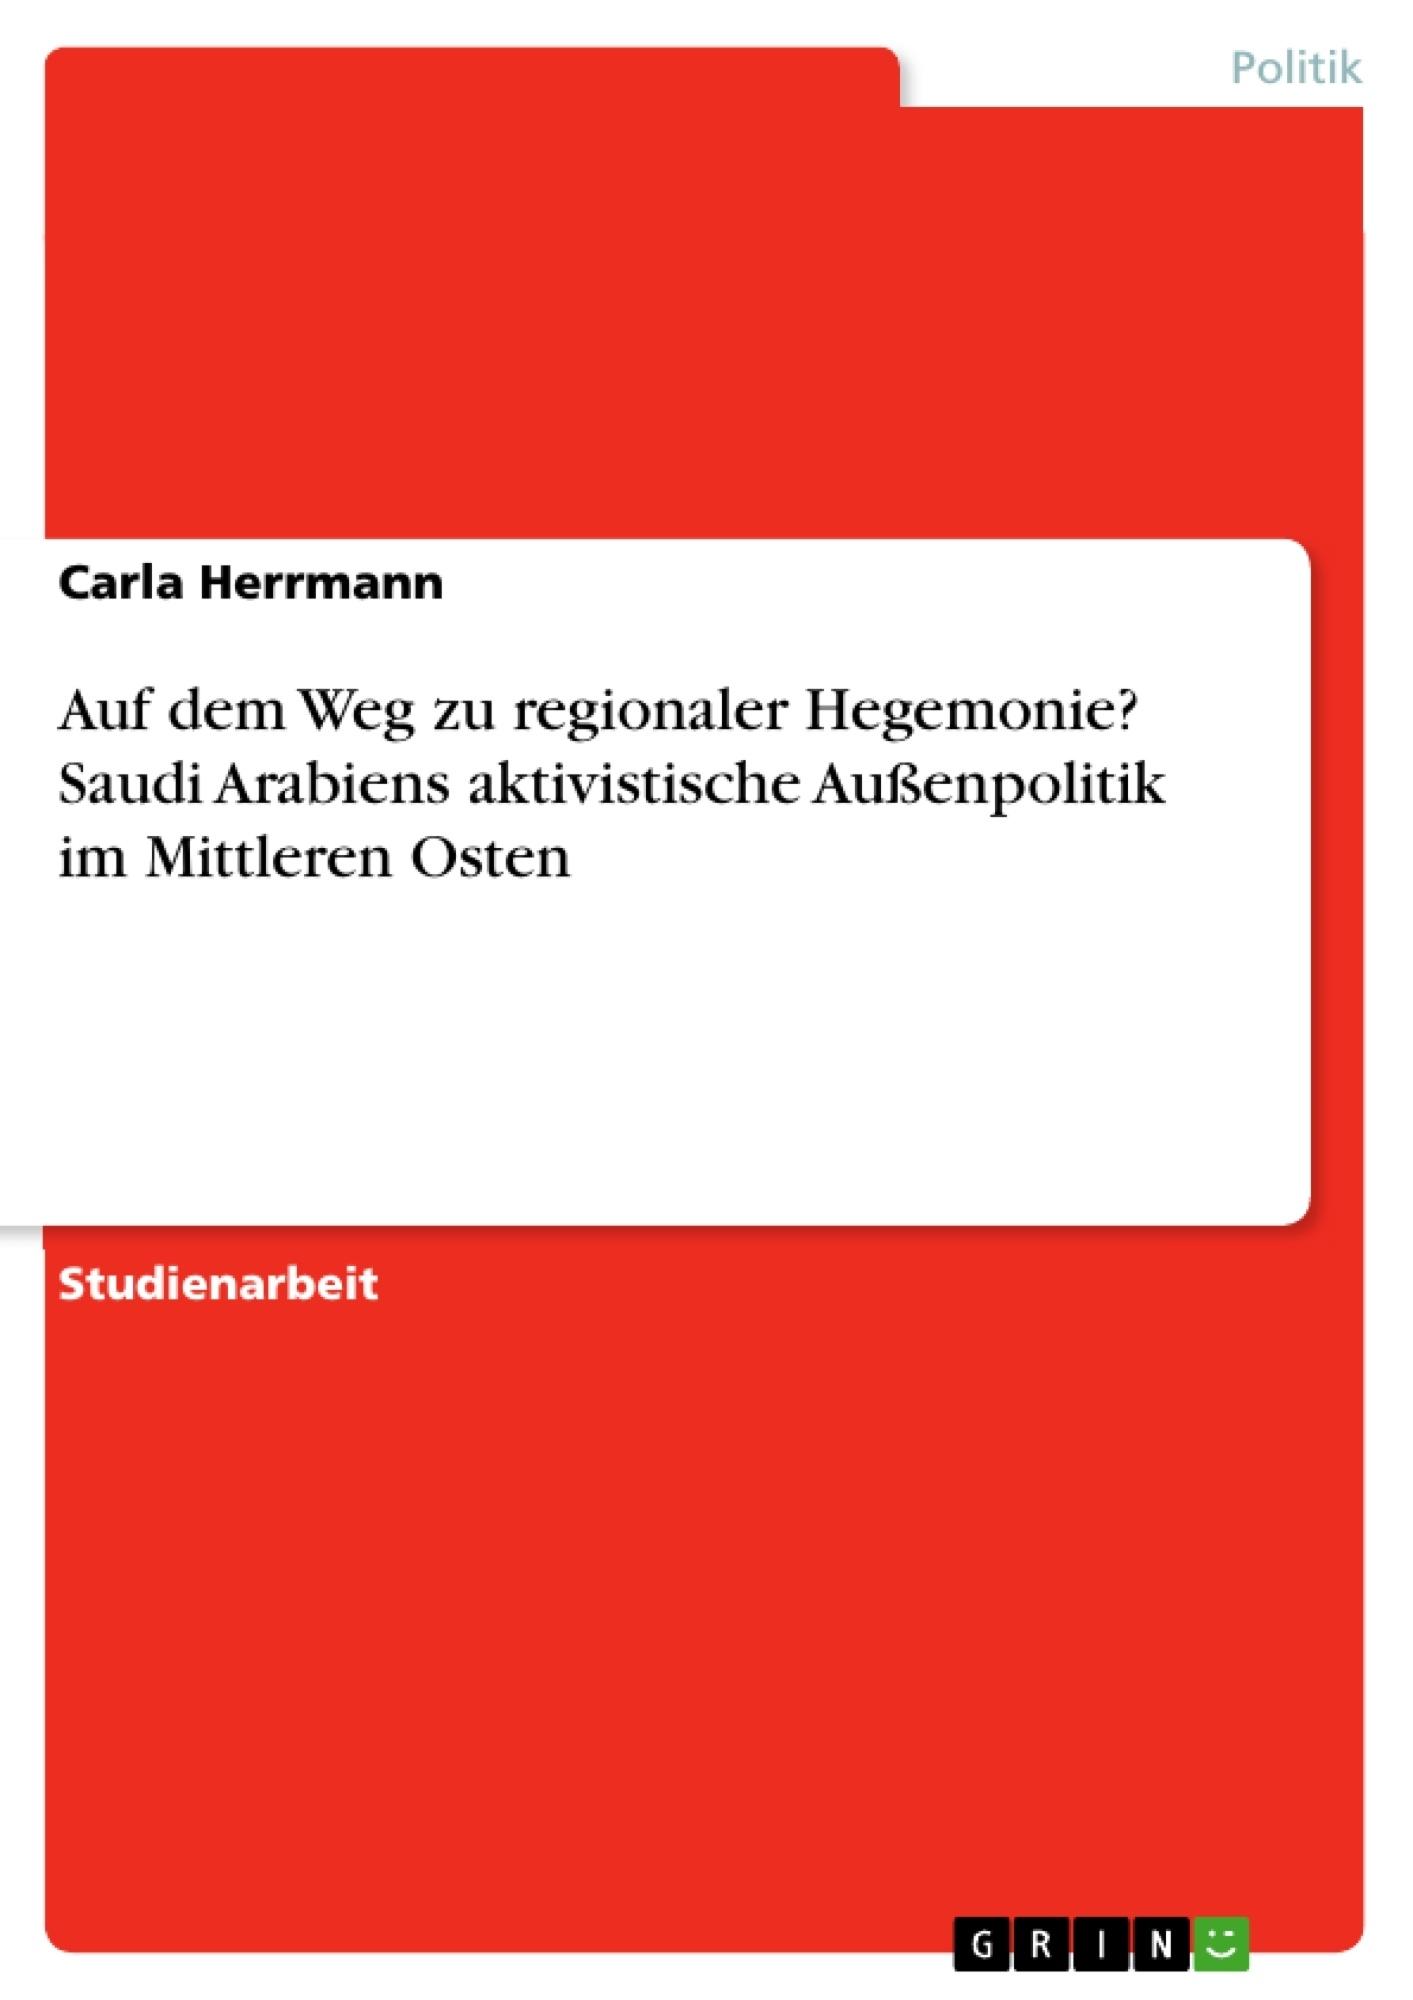 Titel: Auf dem Weg zu regionaler Hegemonie? Saudi Arabiens aktivistische Außenpolitik im Mittleren Osten